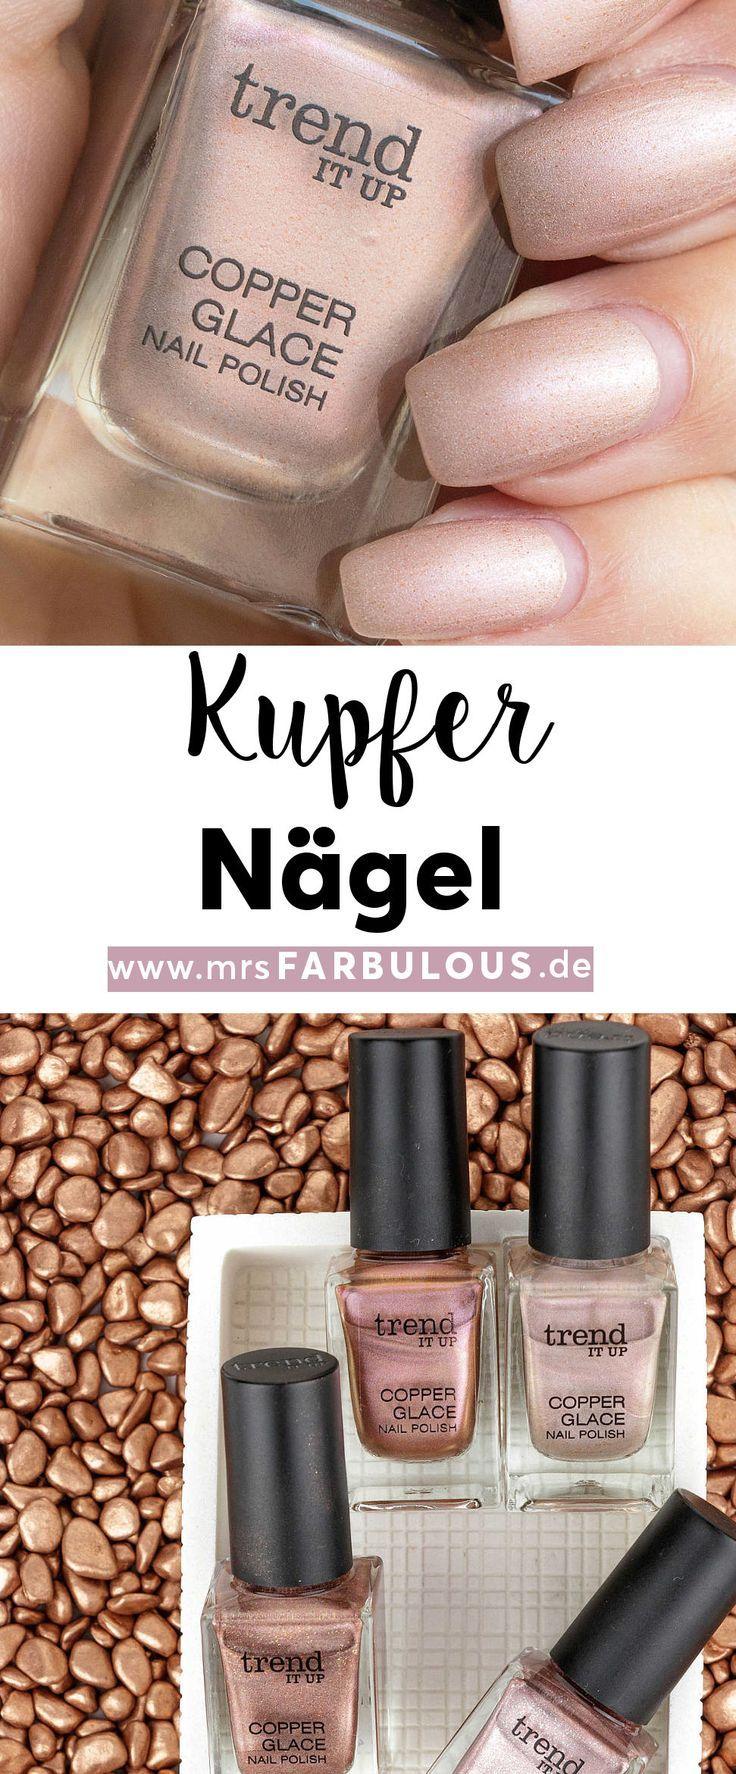 trend IT UP Copper Glace Kupfer für Ihre Nägel – #Copper #no # for #Glace …   – Dies und Das